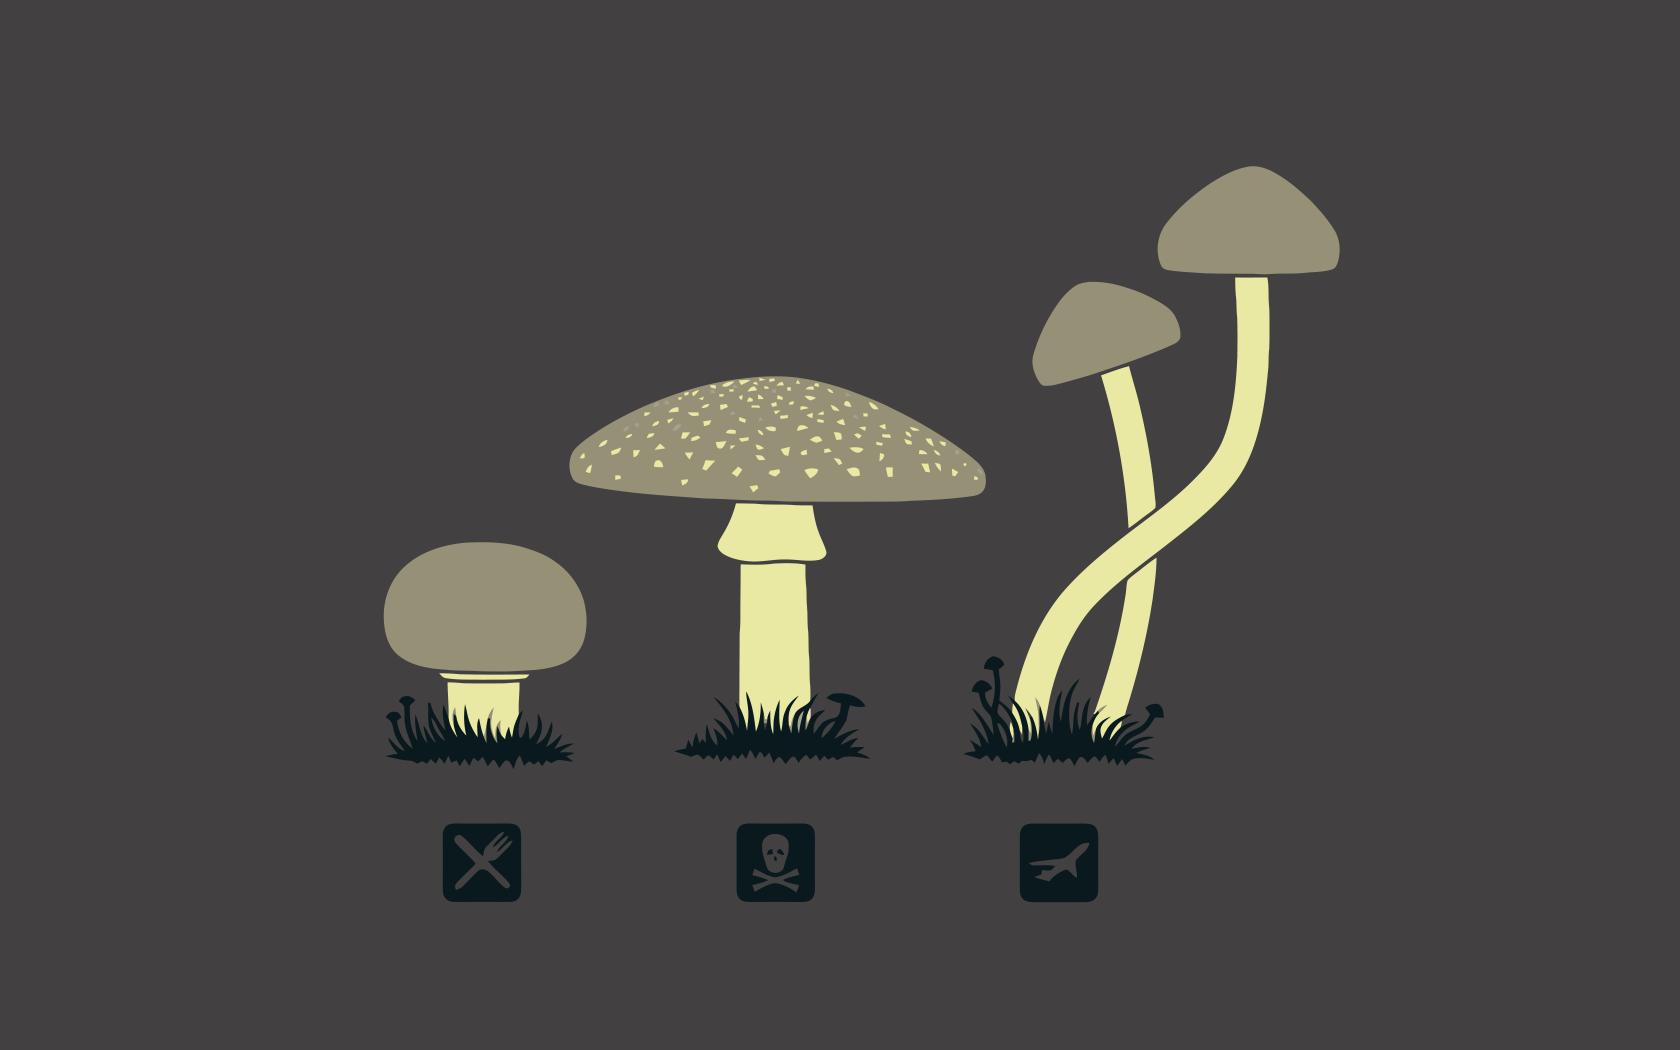 Mushrooms-032100_28-10-08.png